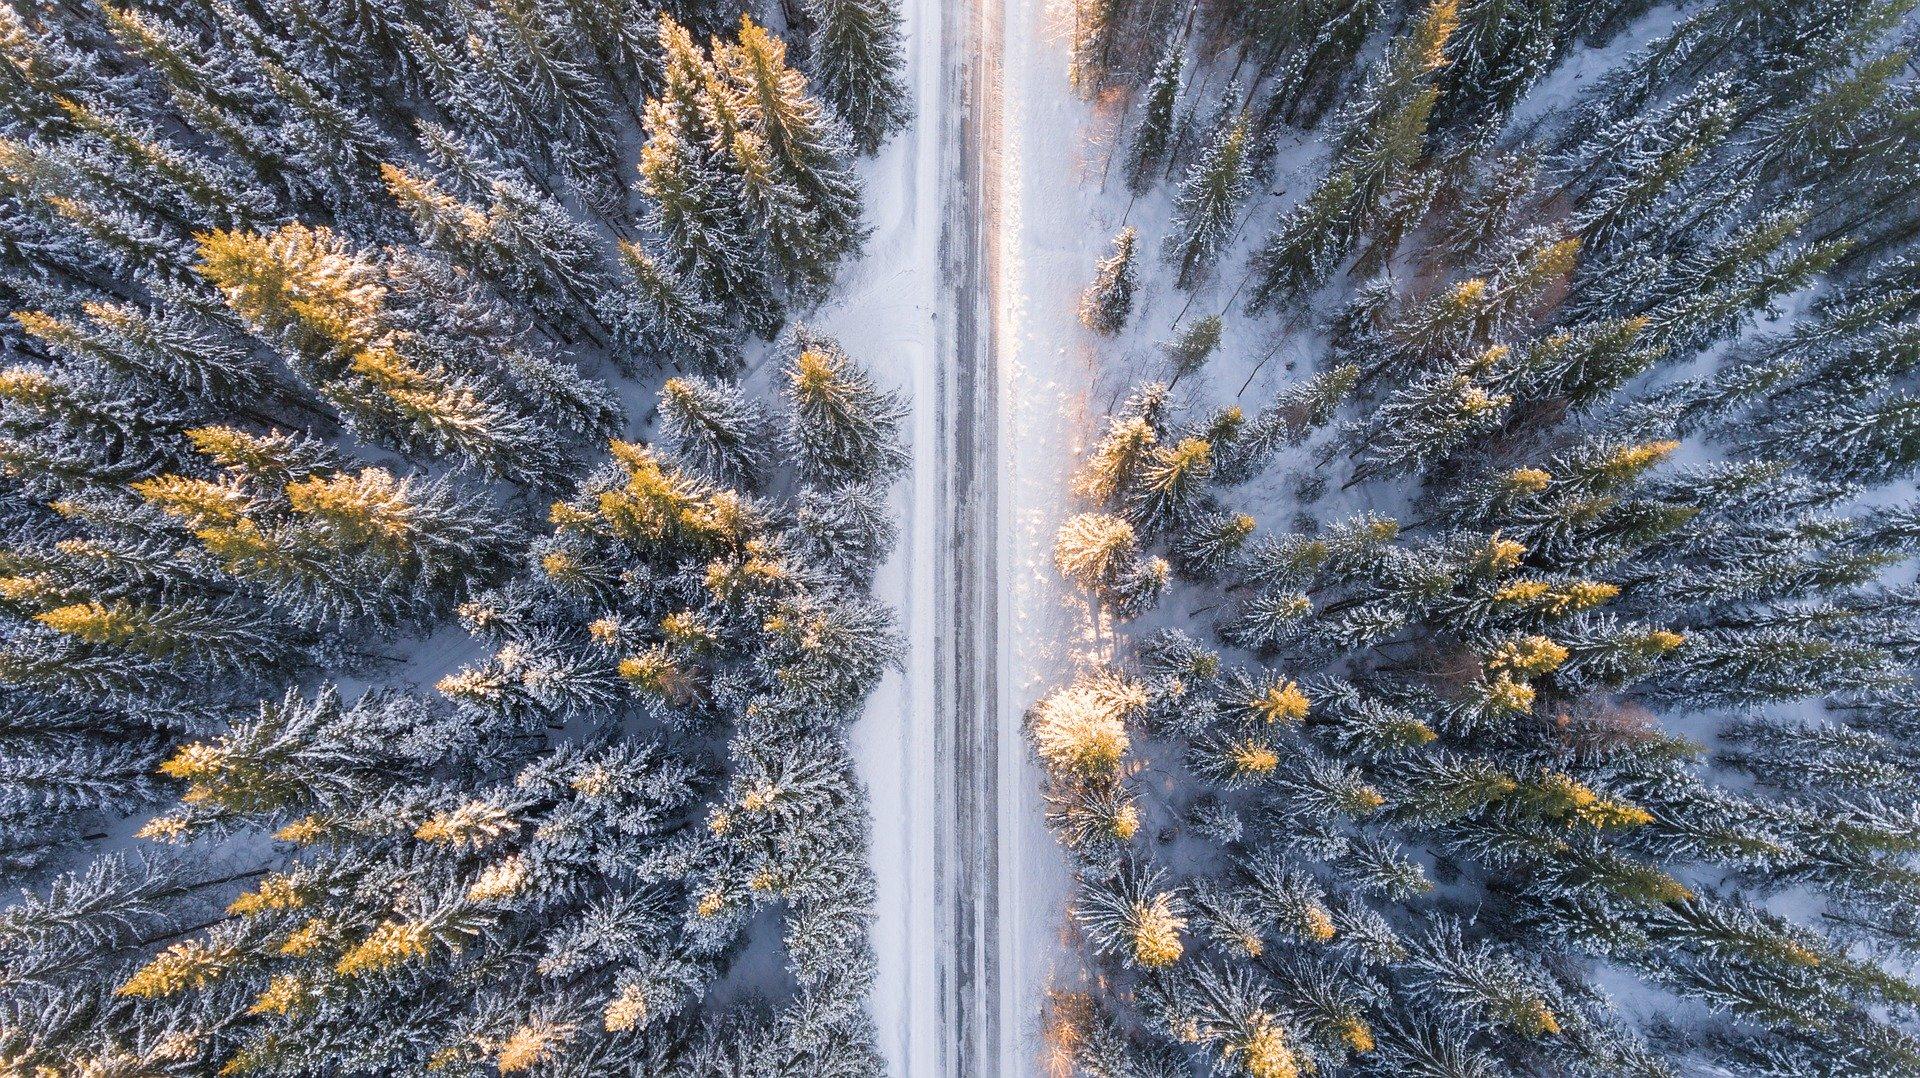 Drohen-Perspektive von oben sektrechter Blick nach unten auf eine Straße, einen verschneiten Tanntenwald mit Sonnenlicht an den Spitzen. Bild: Pixabay/invisiblepower